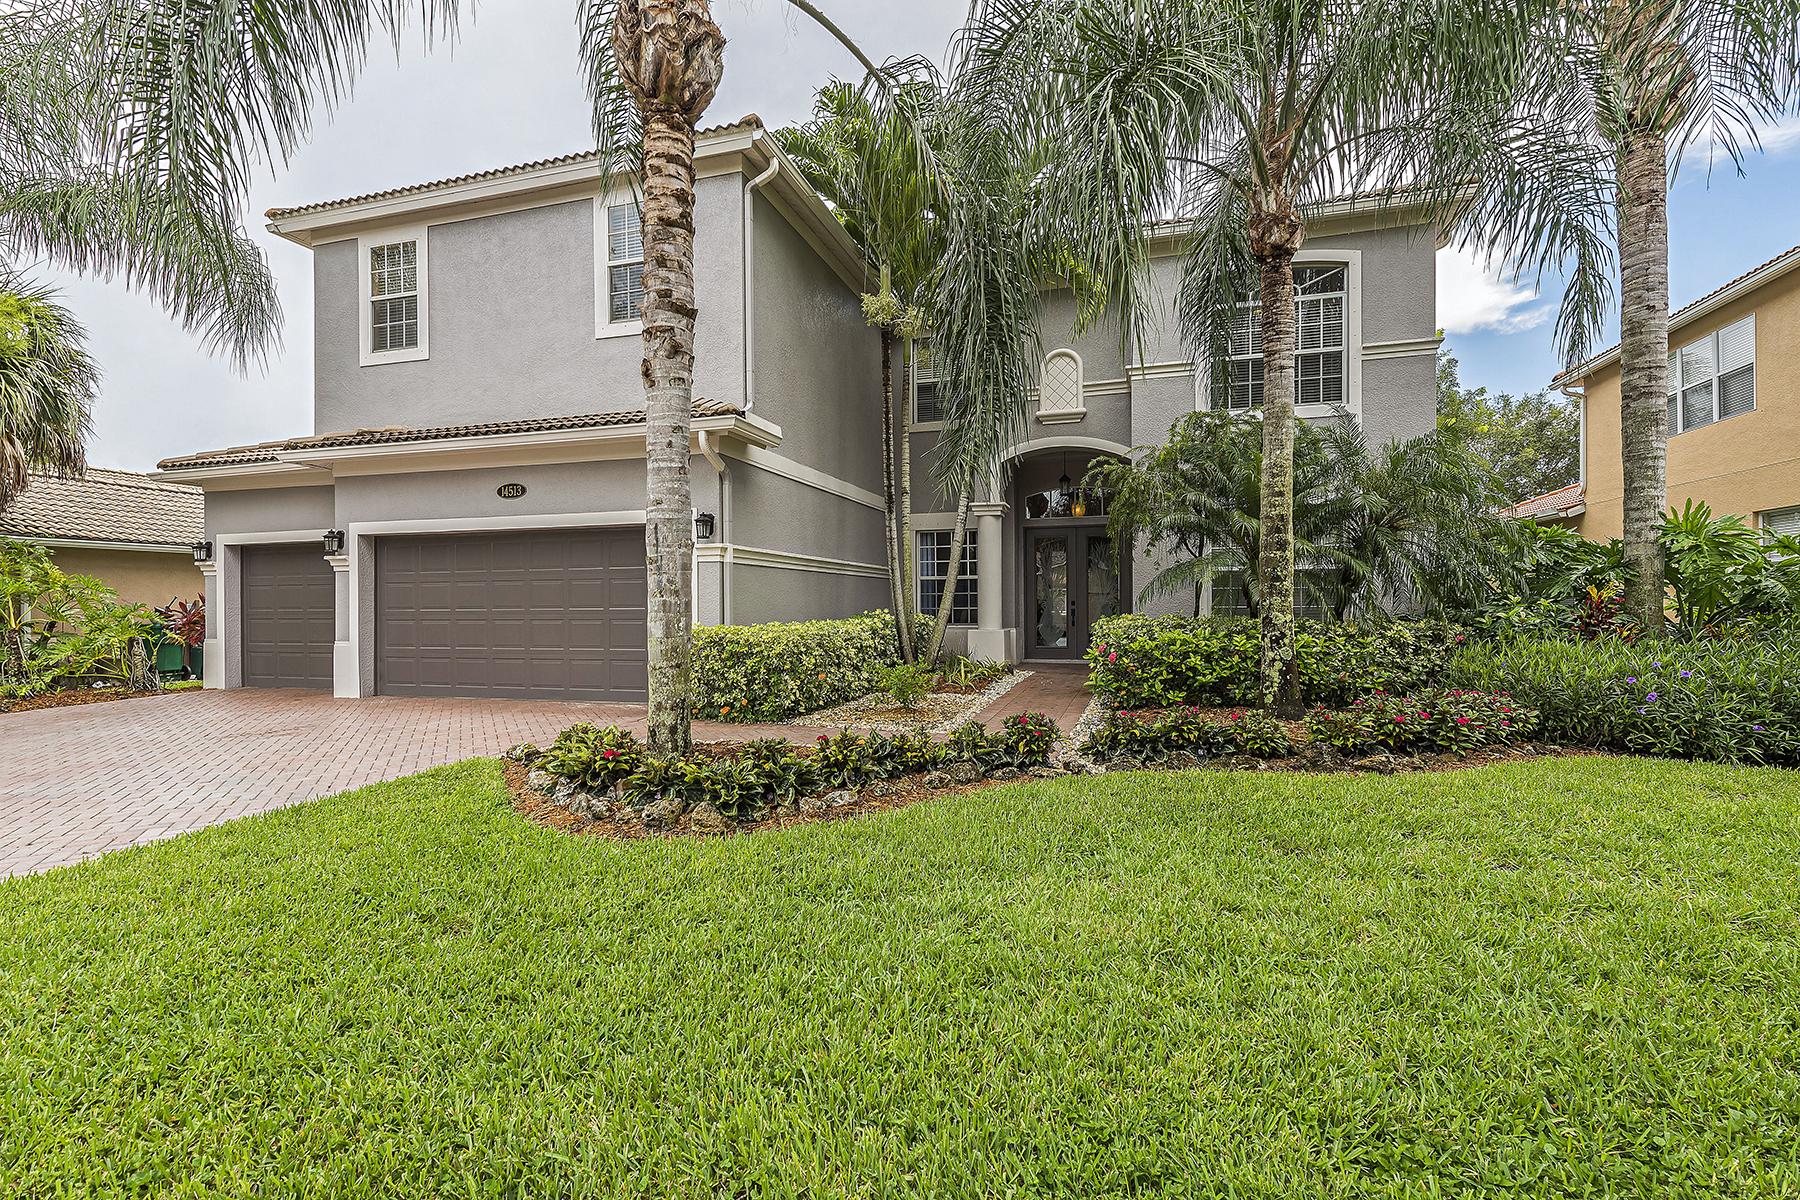 独户住宅 为 销售 在 INDIGO LAKES 14513 Indigo Lakes Cir, 那不勒斯, 佛罗里达州, 34119 美国